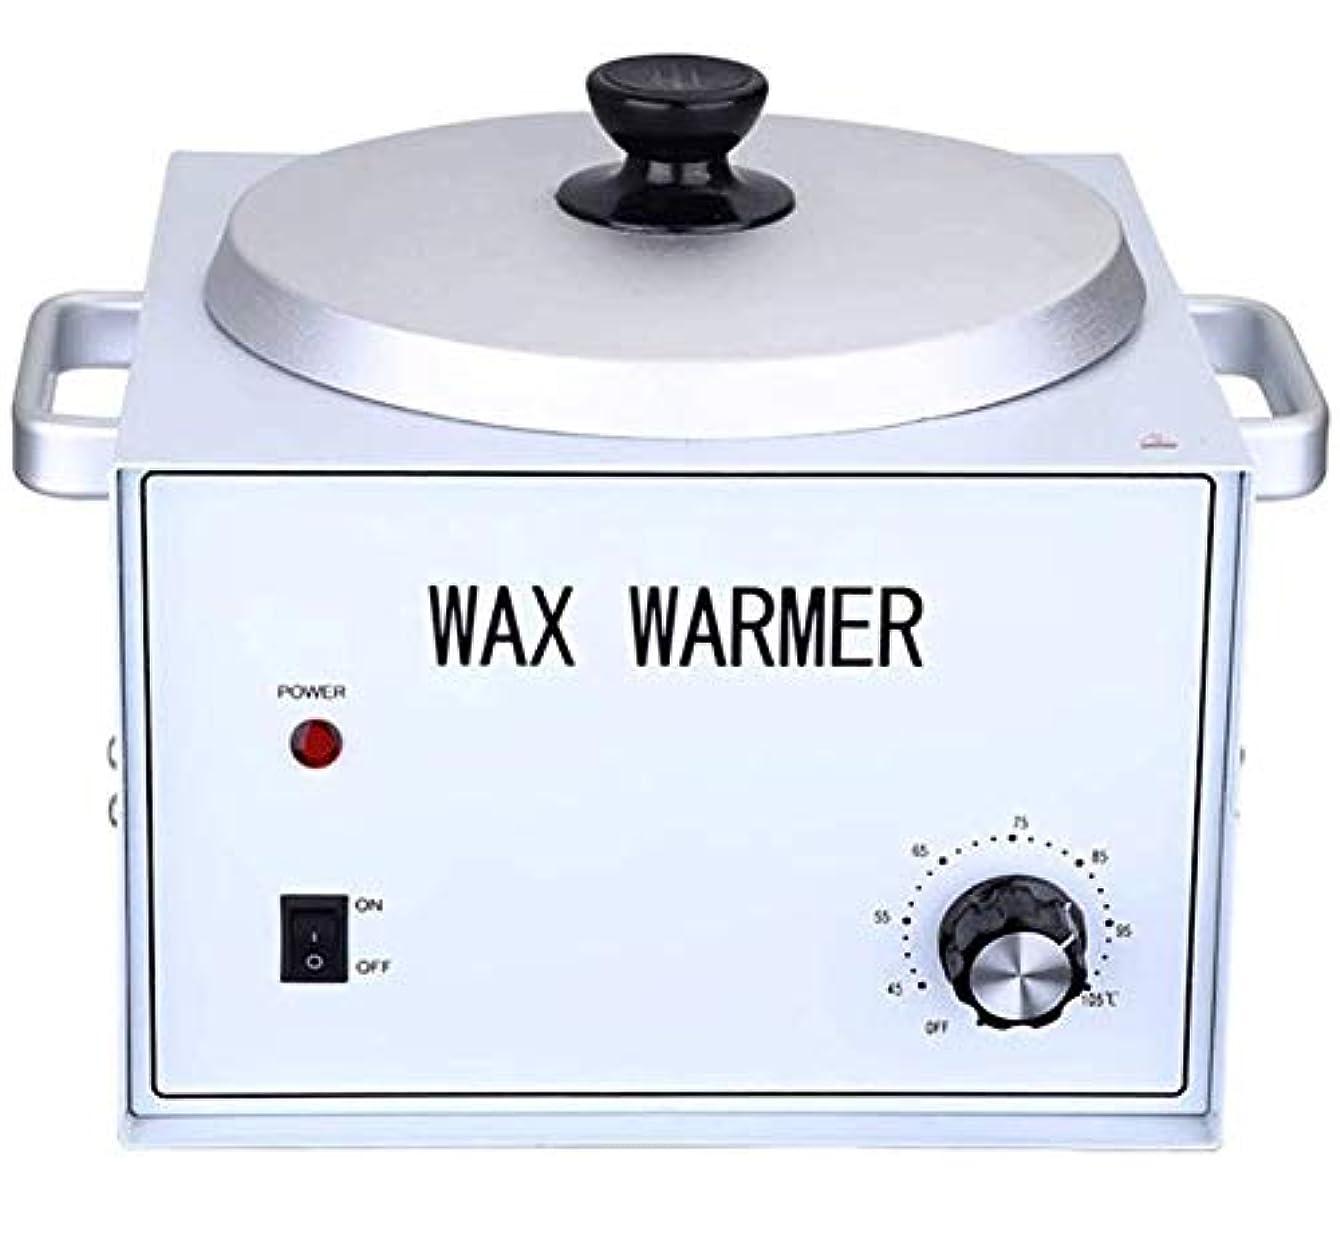 行商人太平洋諸島自分を引き上げるすべてのWAXS(ソフト、ハード、パラフィン)の高速メルトプロフェッショナルヒーター脱毛ワックスヒーター脱毛ヒーターワックスウォーマーシングルポット